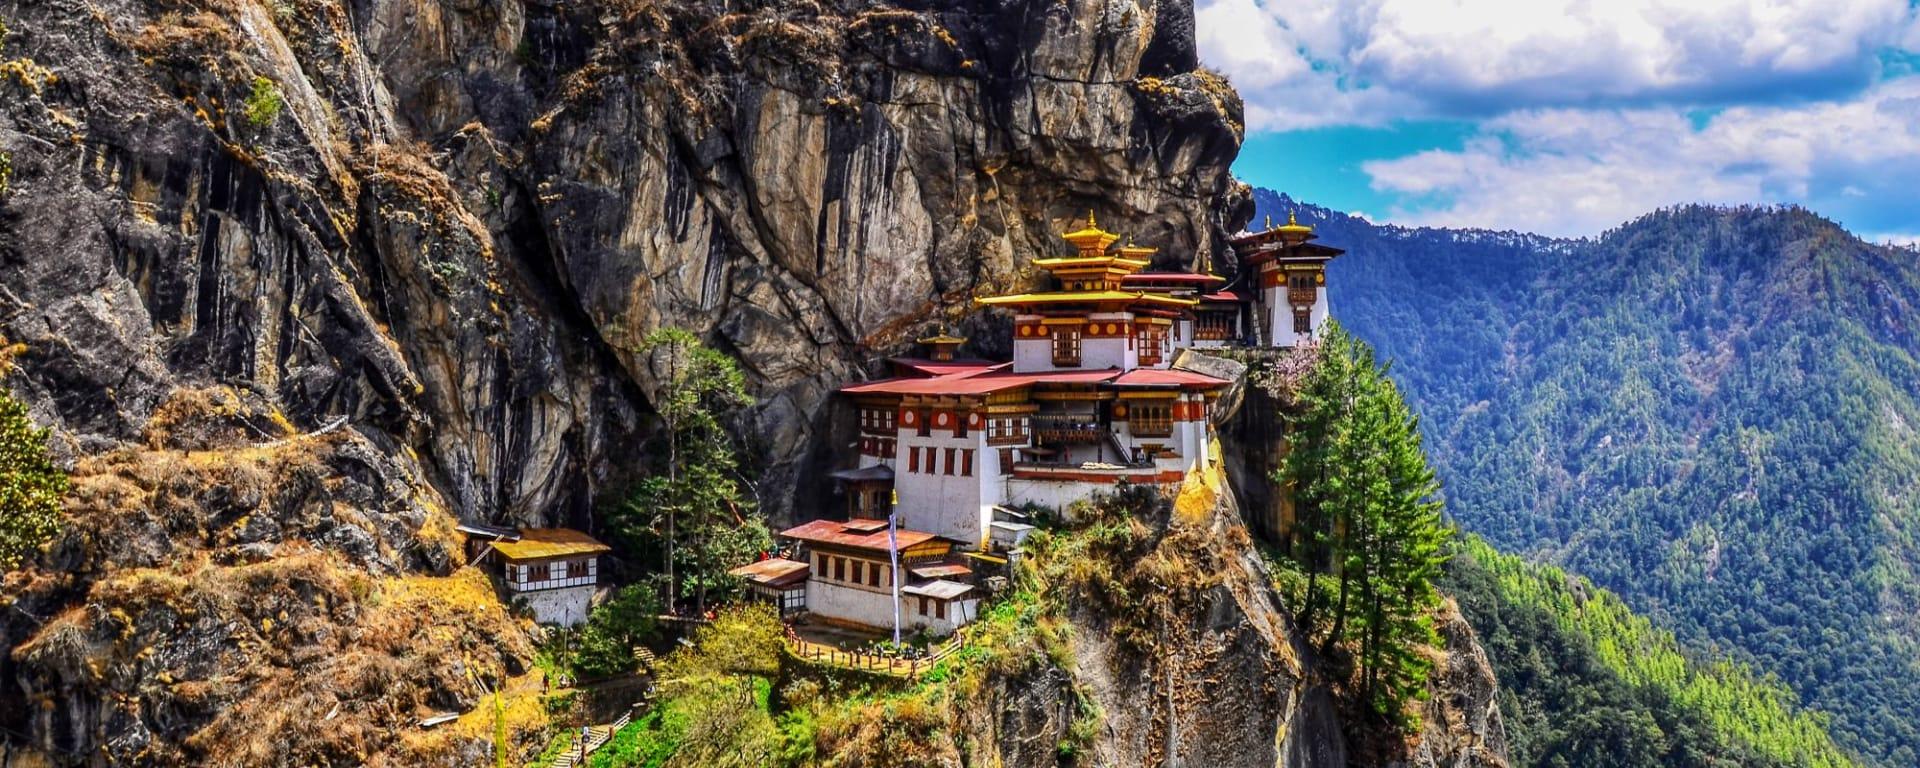 Wissenswertes zu Bhutan Reisen und Ferien: Paro Tiger Nest Monastery